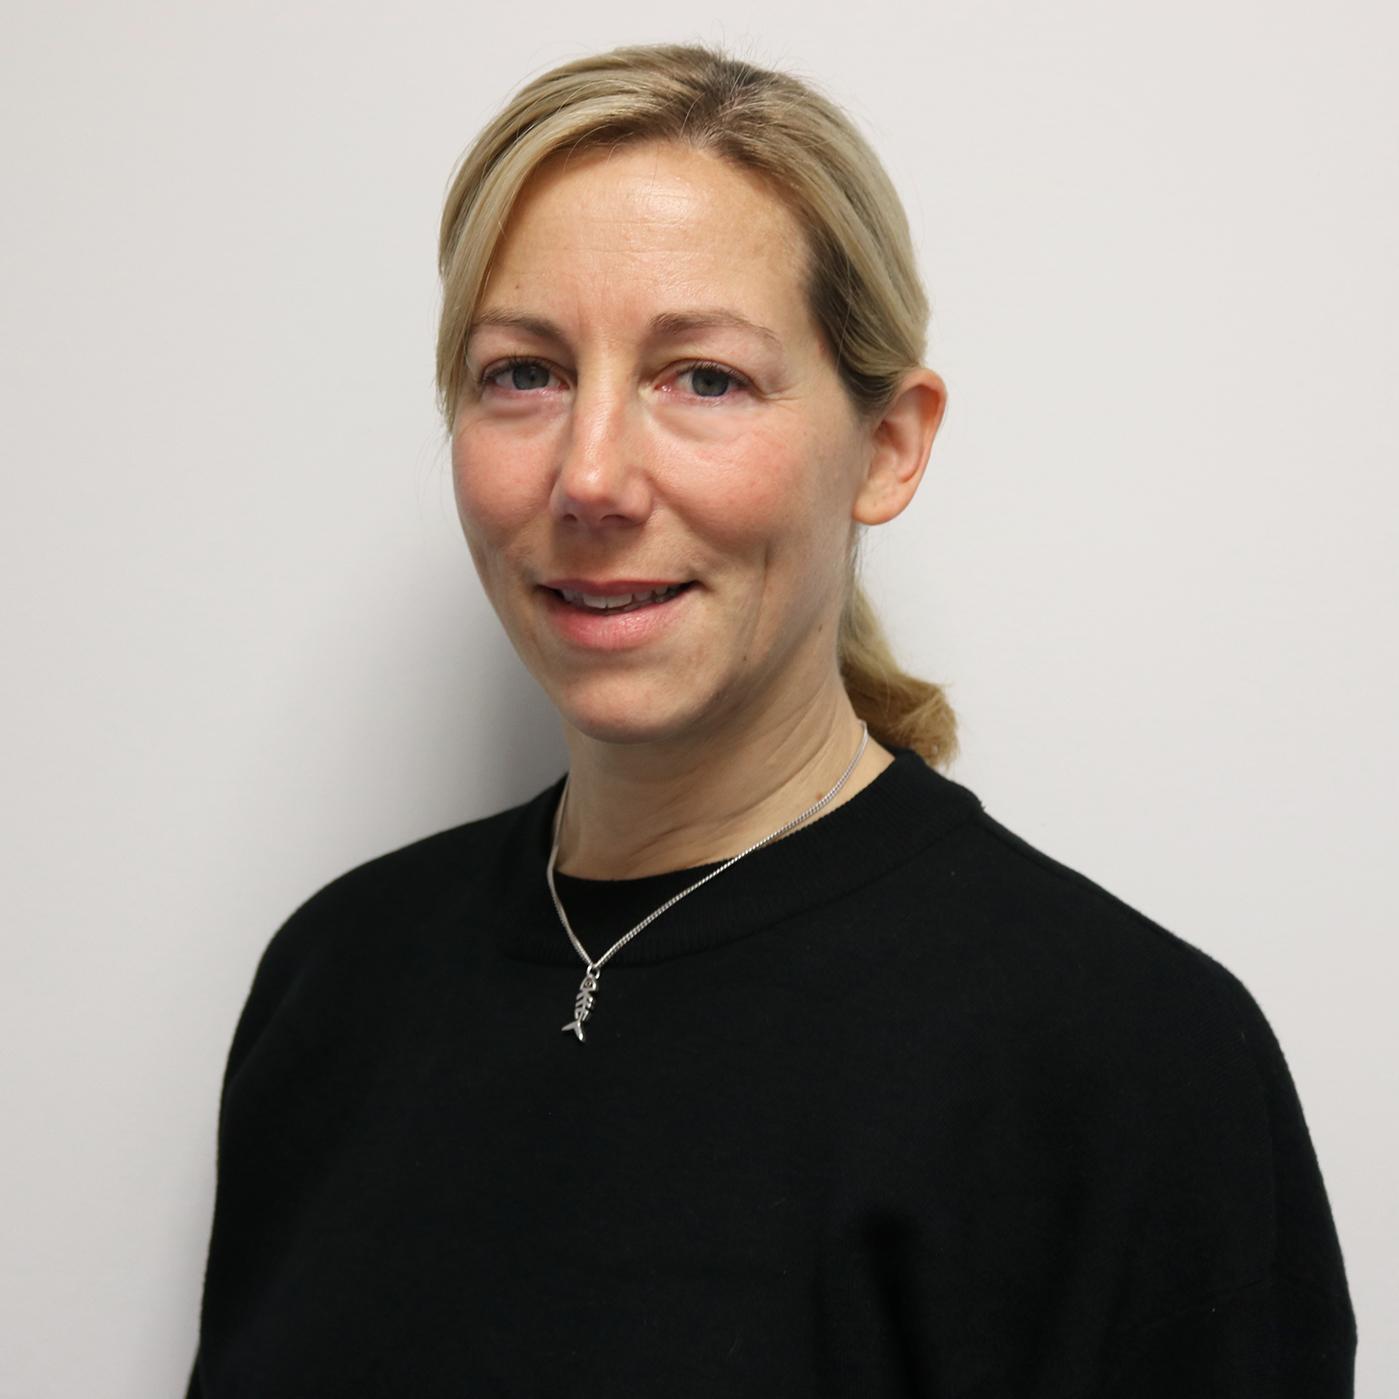 Tanja Petrich